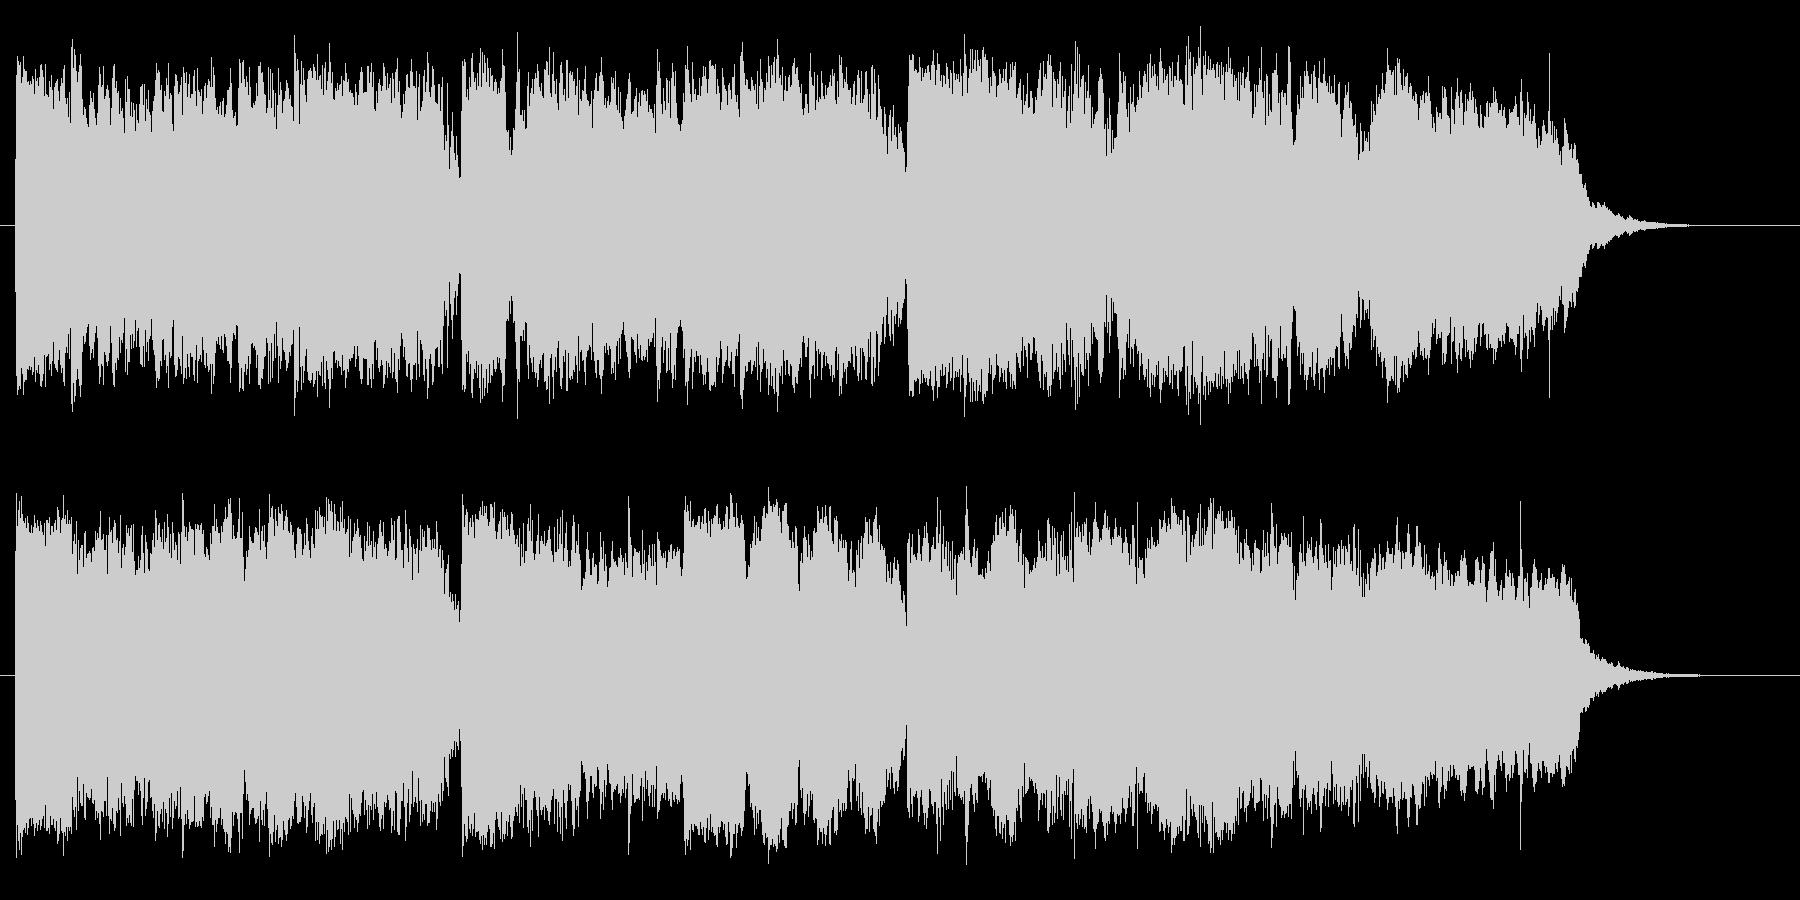 二胡(中国の民族楽器)を使用したジングルの未再生の波形